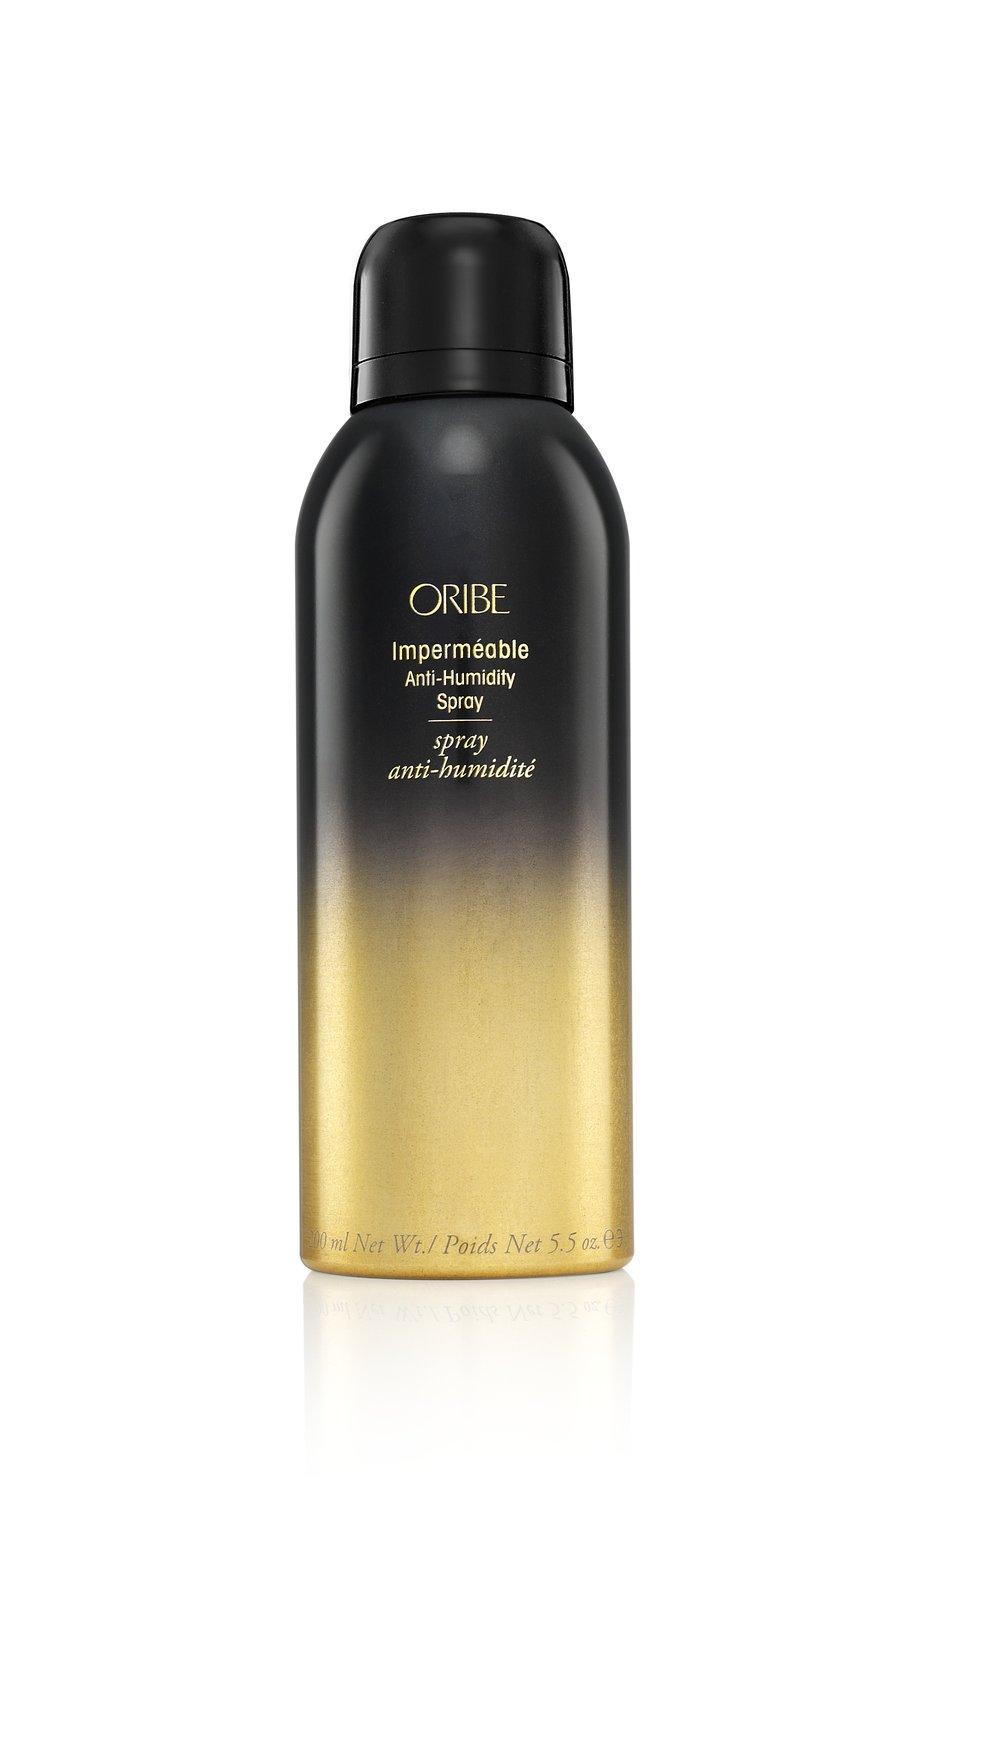 Oribe Imperméable Anti-Humidity Spray ($39)